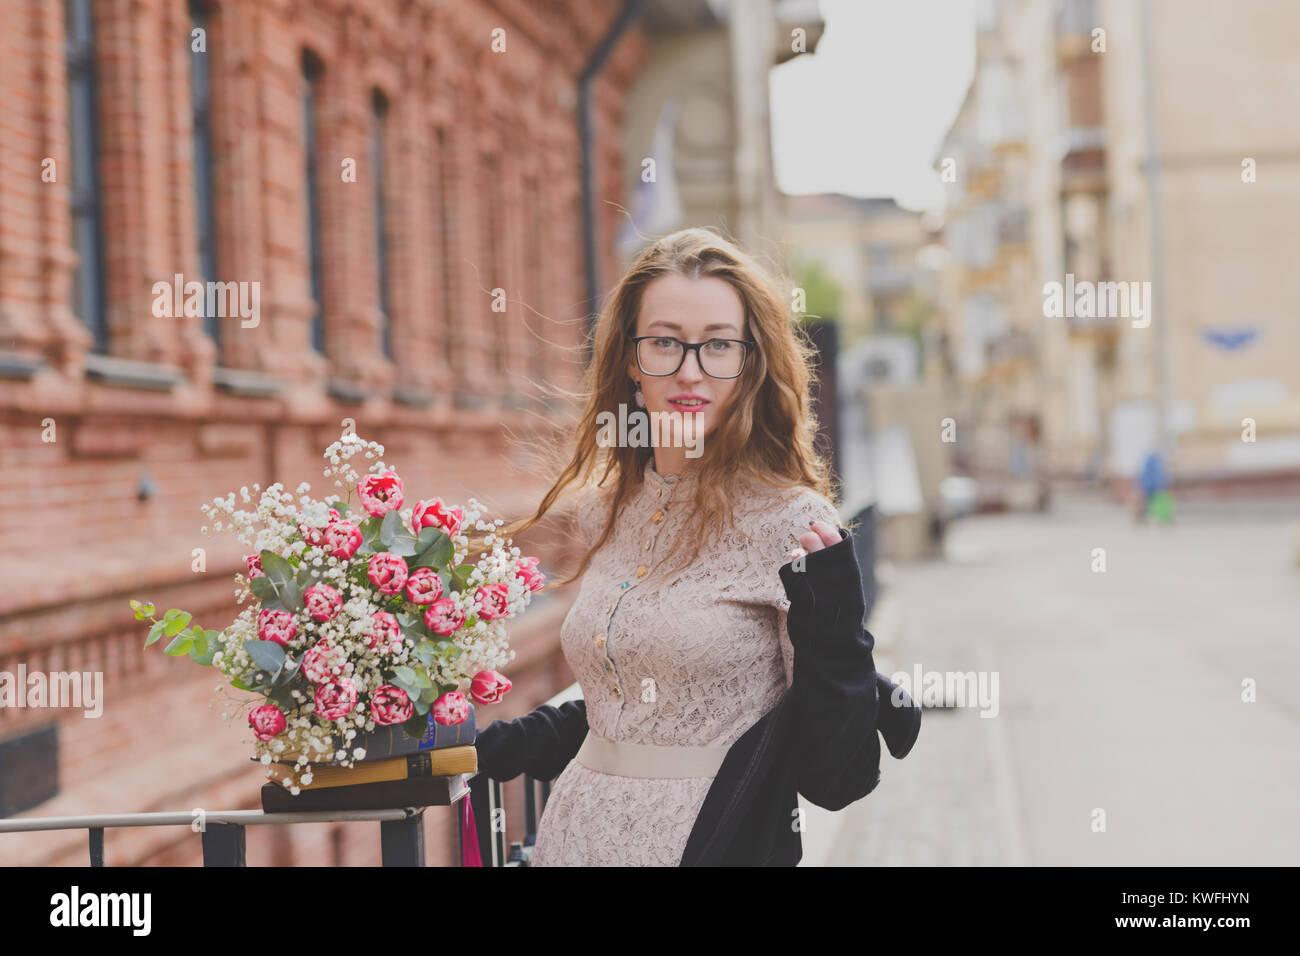 76a79c6c7dde Un felice ragazza in abito di lacy tenendo un mazzo di fiori e un pacco di